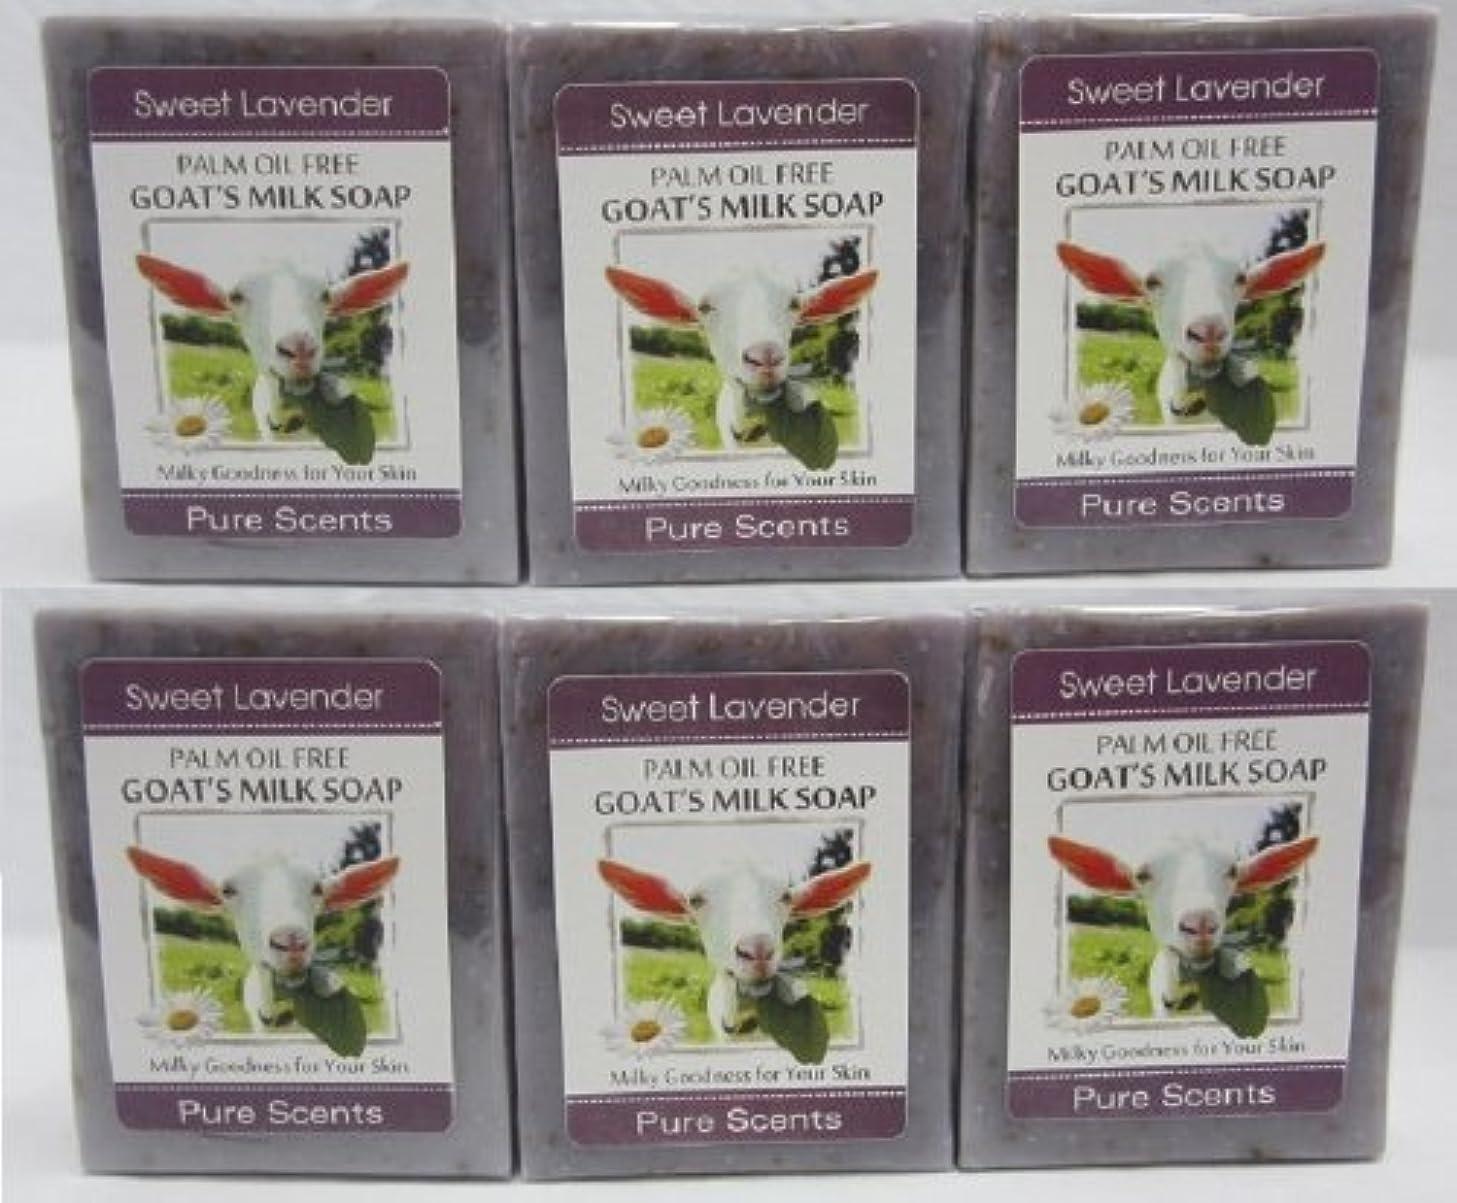 テスピアン話太陽【Pure Scents】Goat's Milk Soap ヤギのミルクせっけん 6個セット Sweet Lavender スイートラベンダー